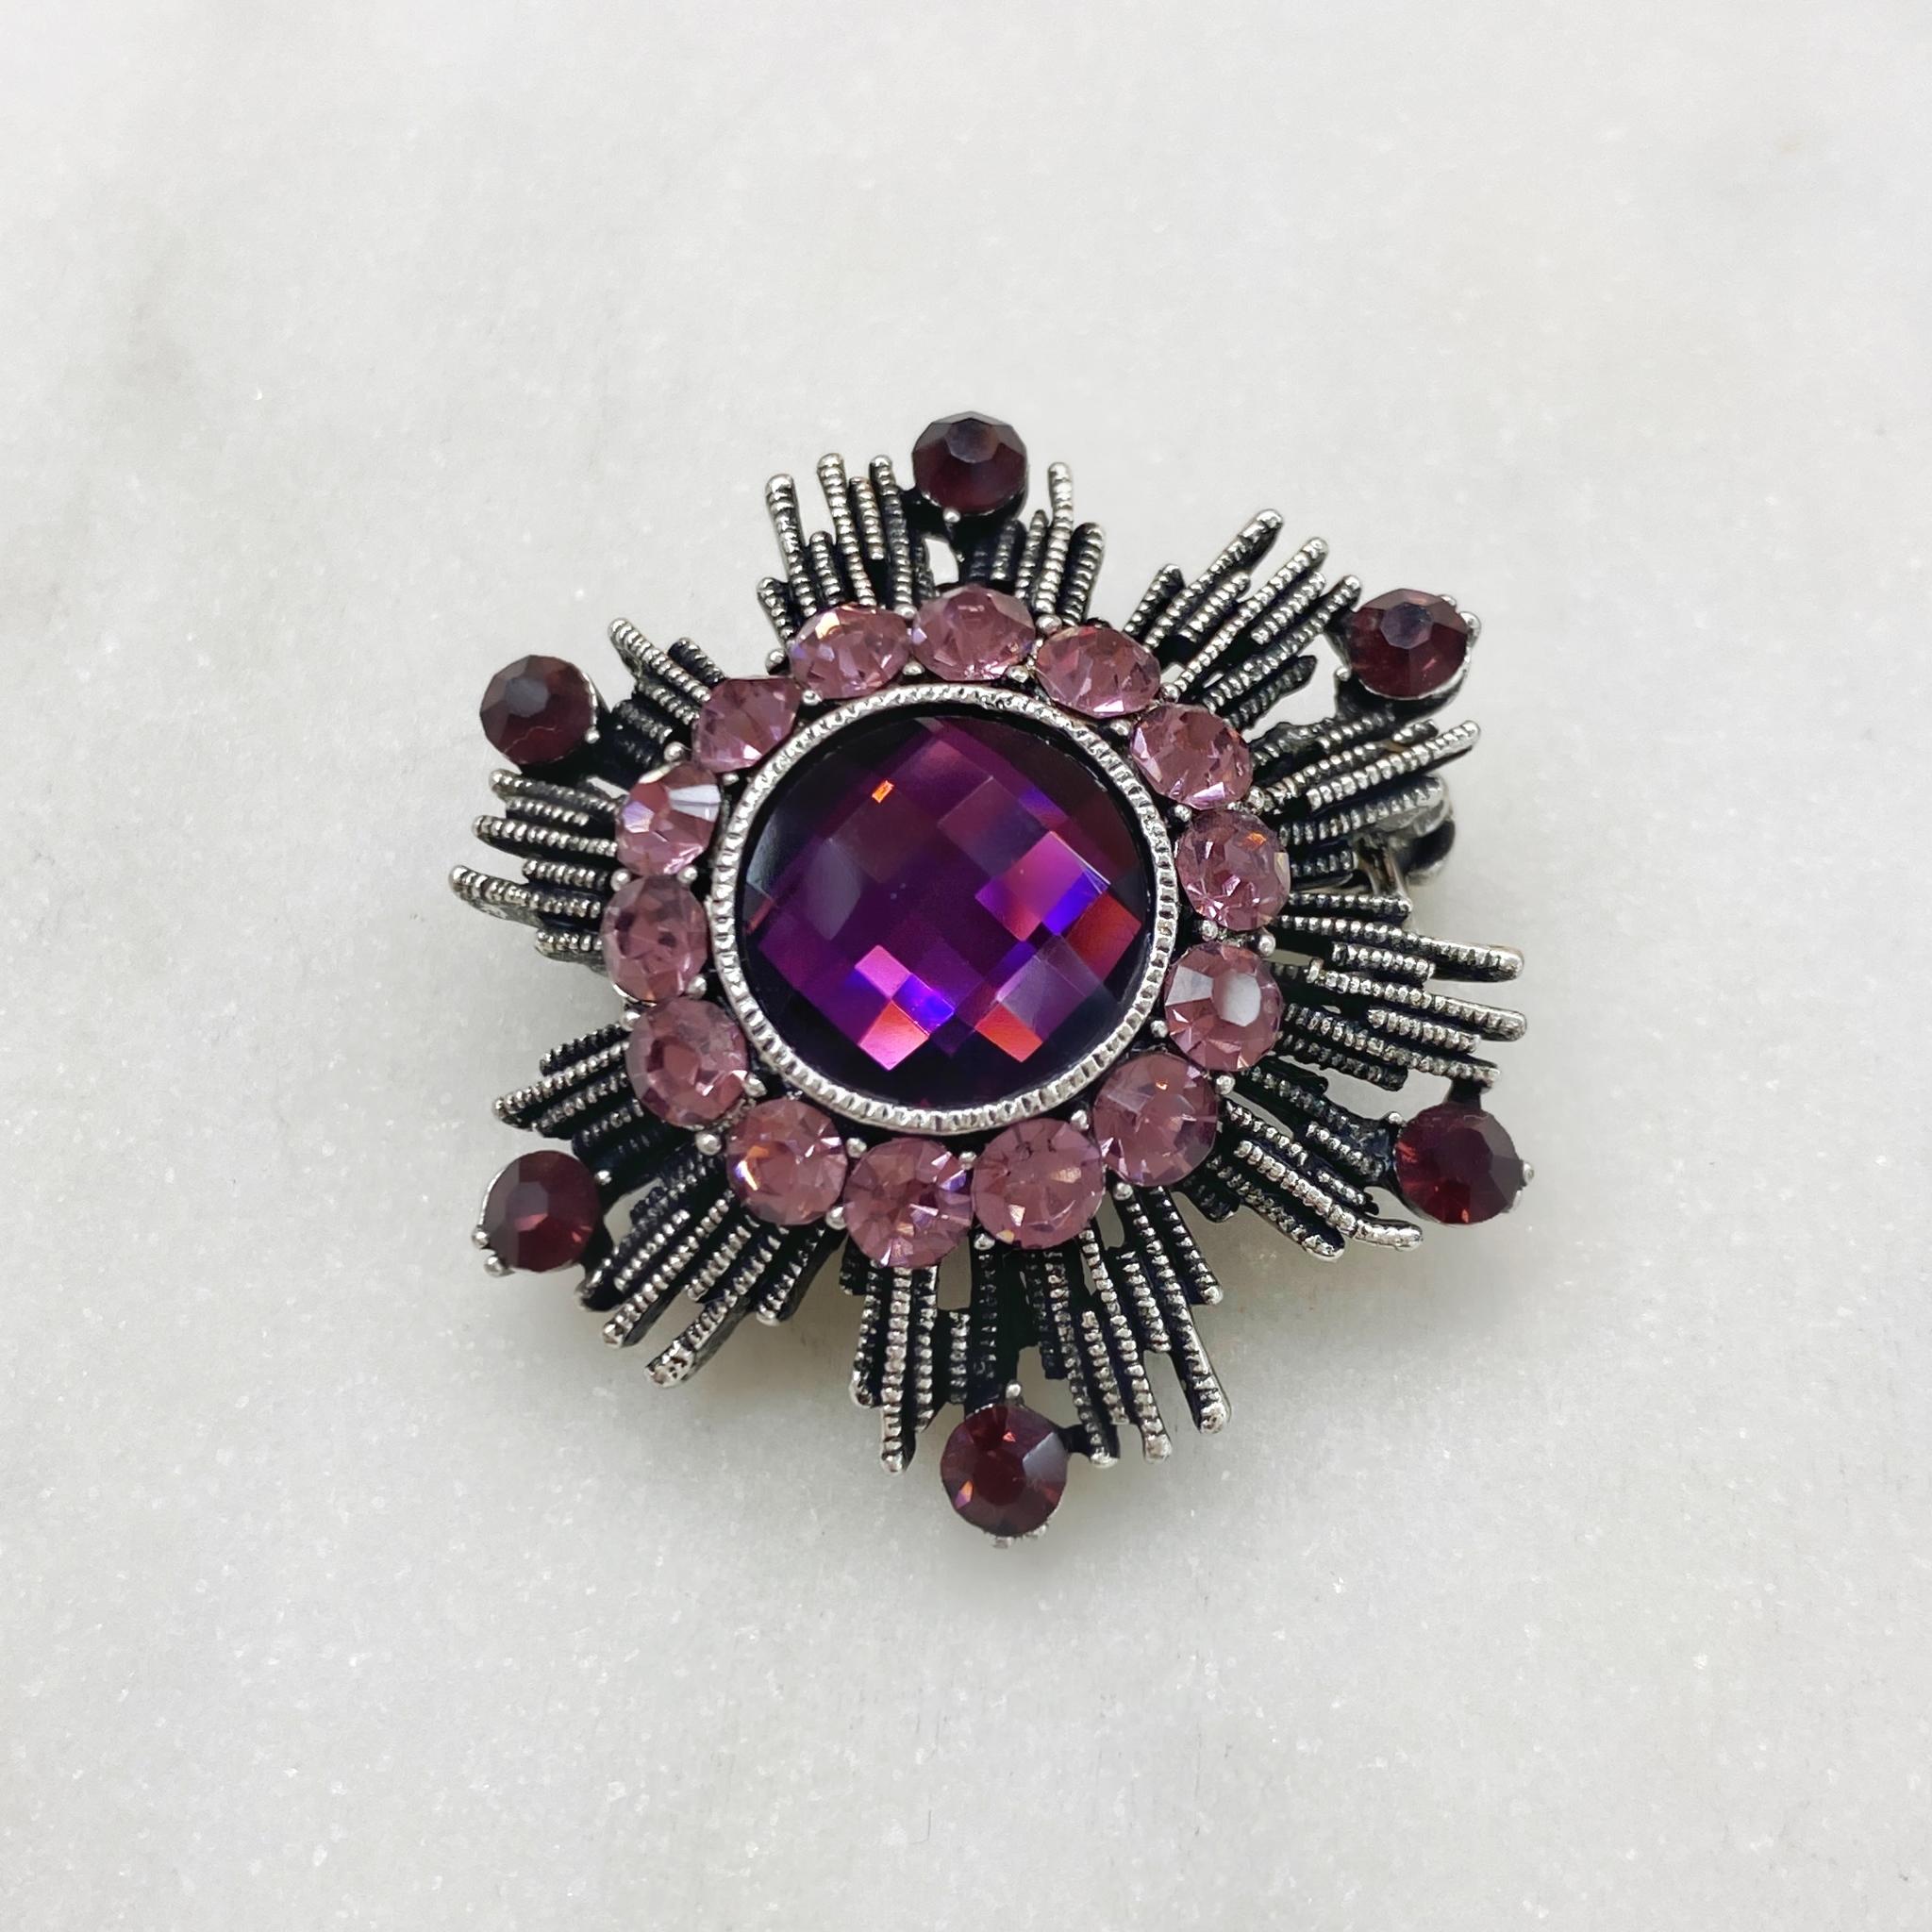 Брошь Орден Гвардейский фиолетовый серебряный